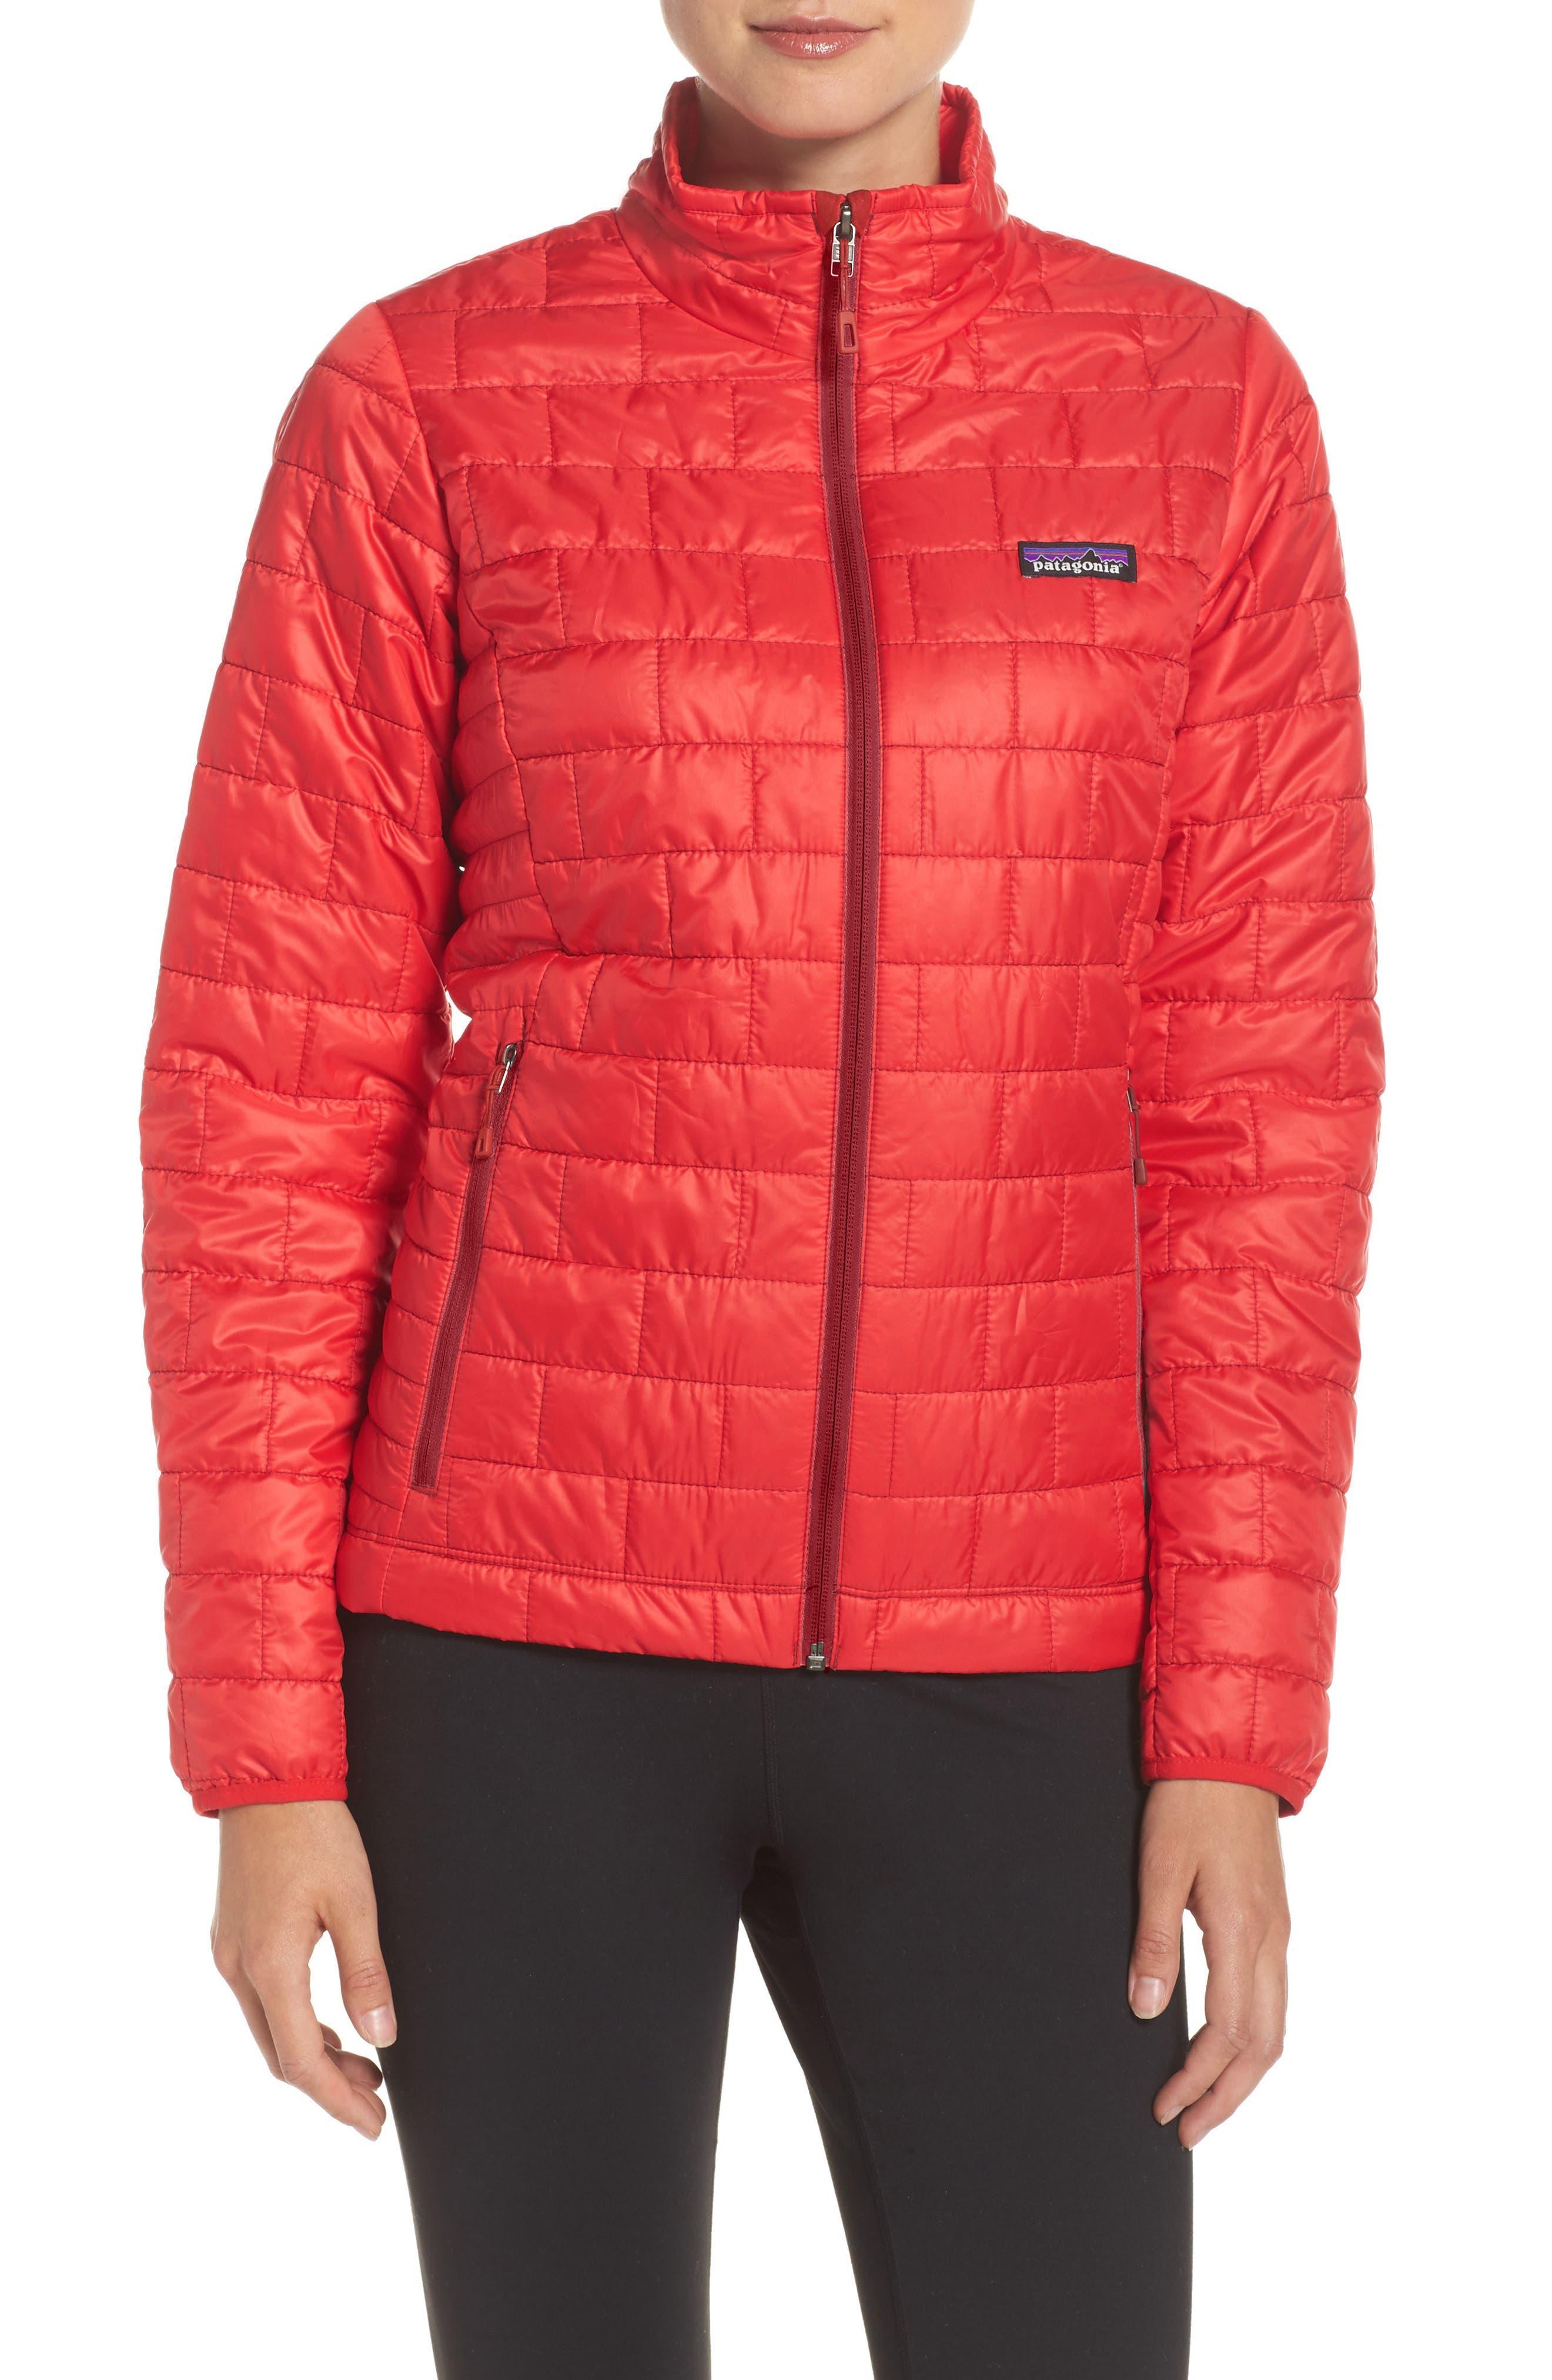 Nano Puff<sup>®</sup> Water Resistant Jacket,                             Main thumbnail 1, color,                             Maraschino